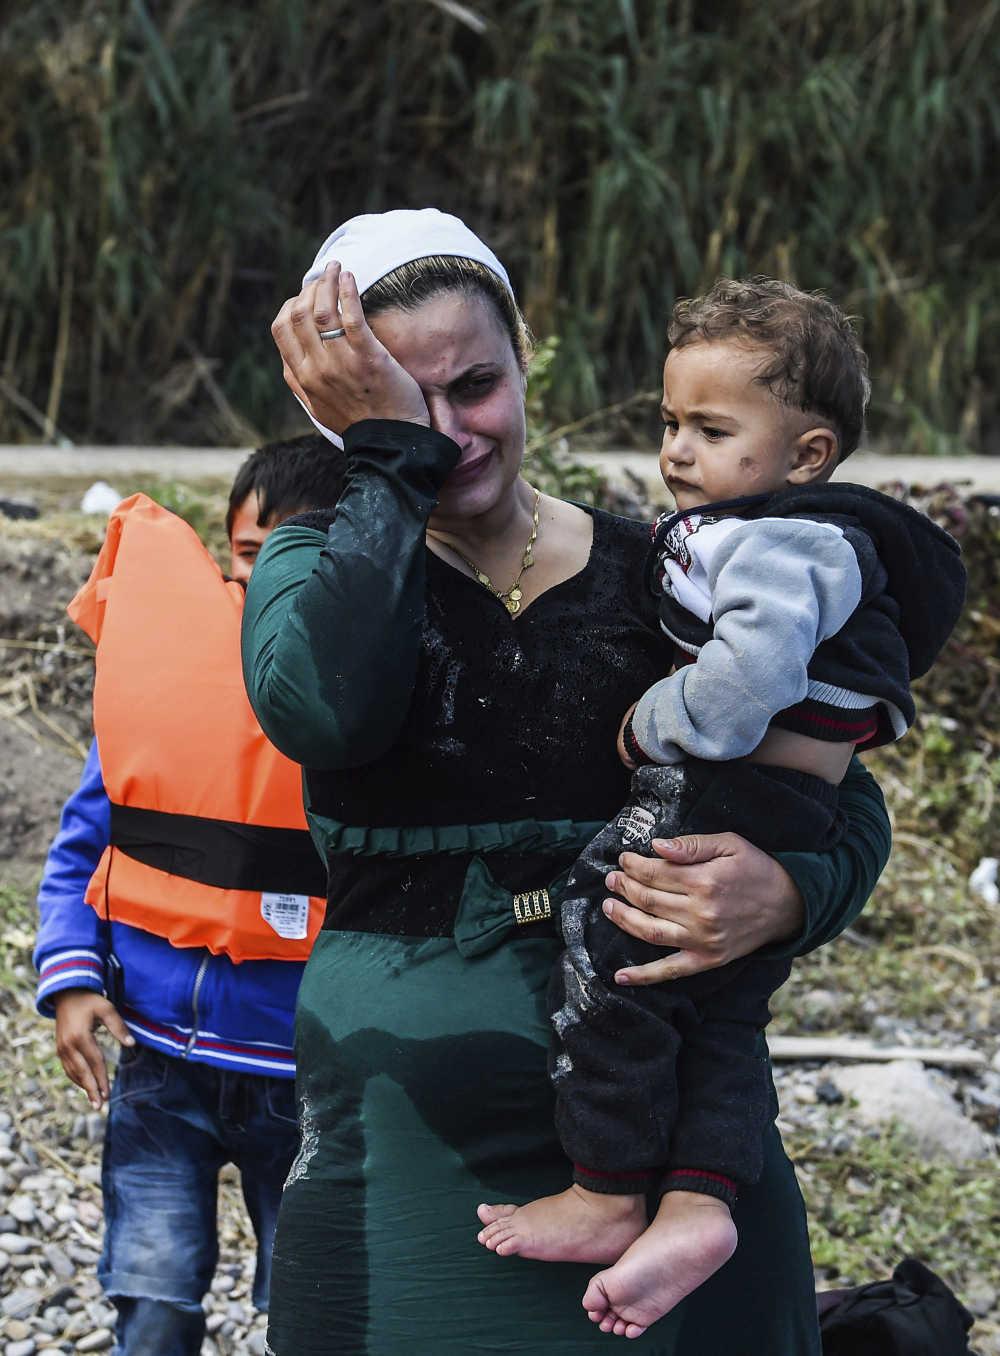 Una mujer afgana con un niño en brazos se emociona tras lograr alcanzar la costa a bordo de una lancha neumática en la isla de Lesbos (Grecia). EFE/Filip Singer